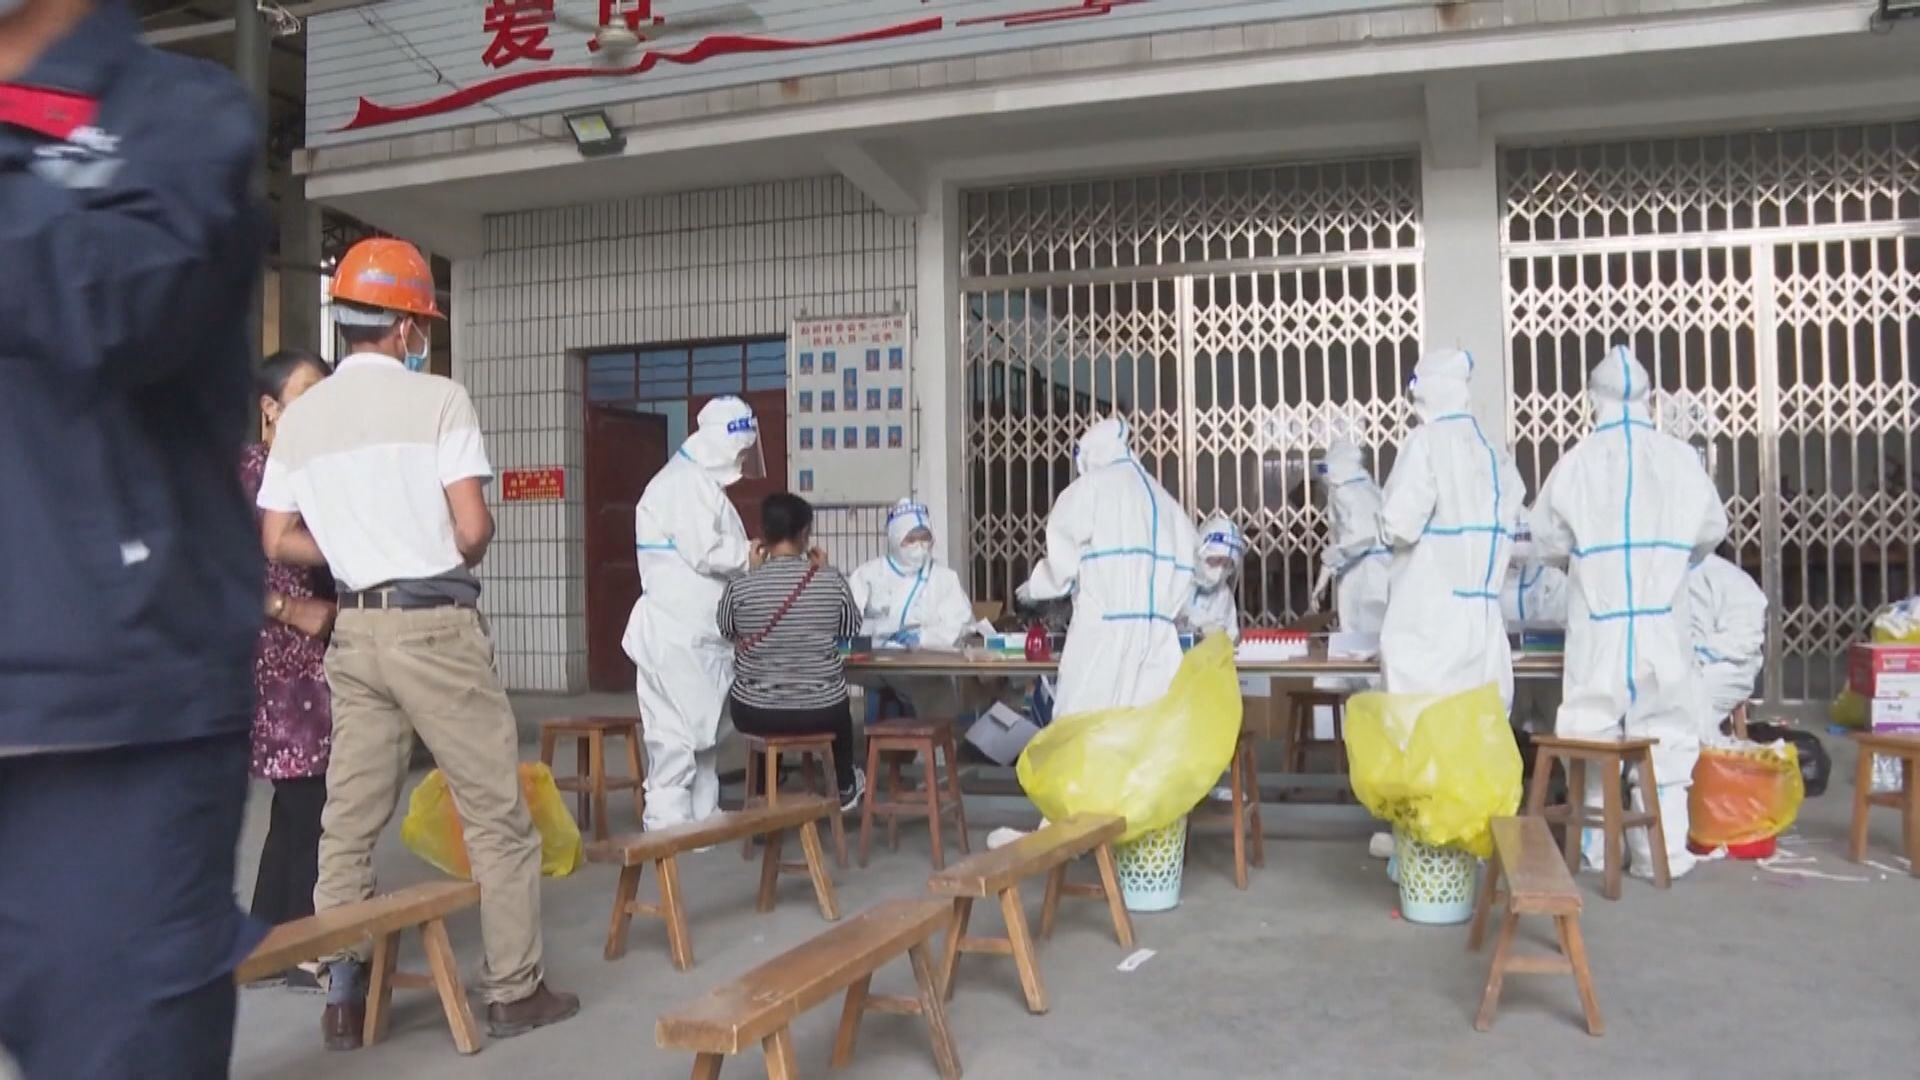 雲南瑞麗增8宗新冠確診 當地為30萬人接種新冠疫苗